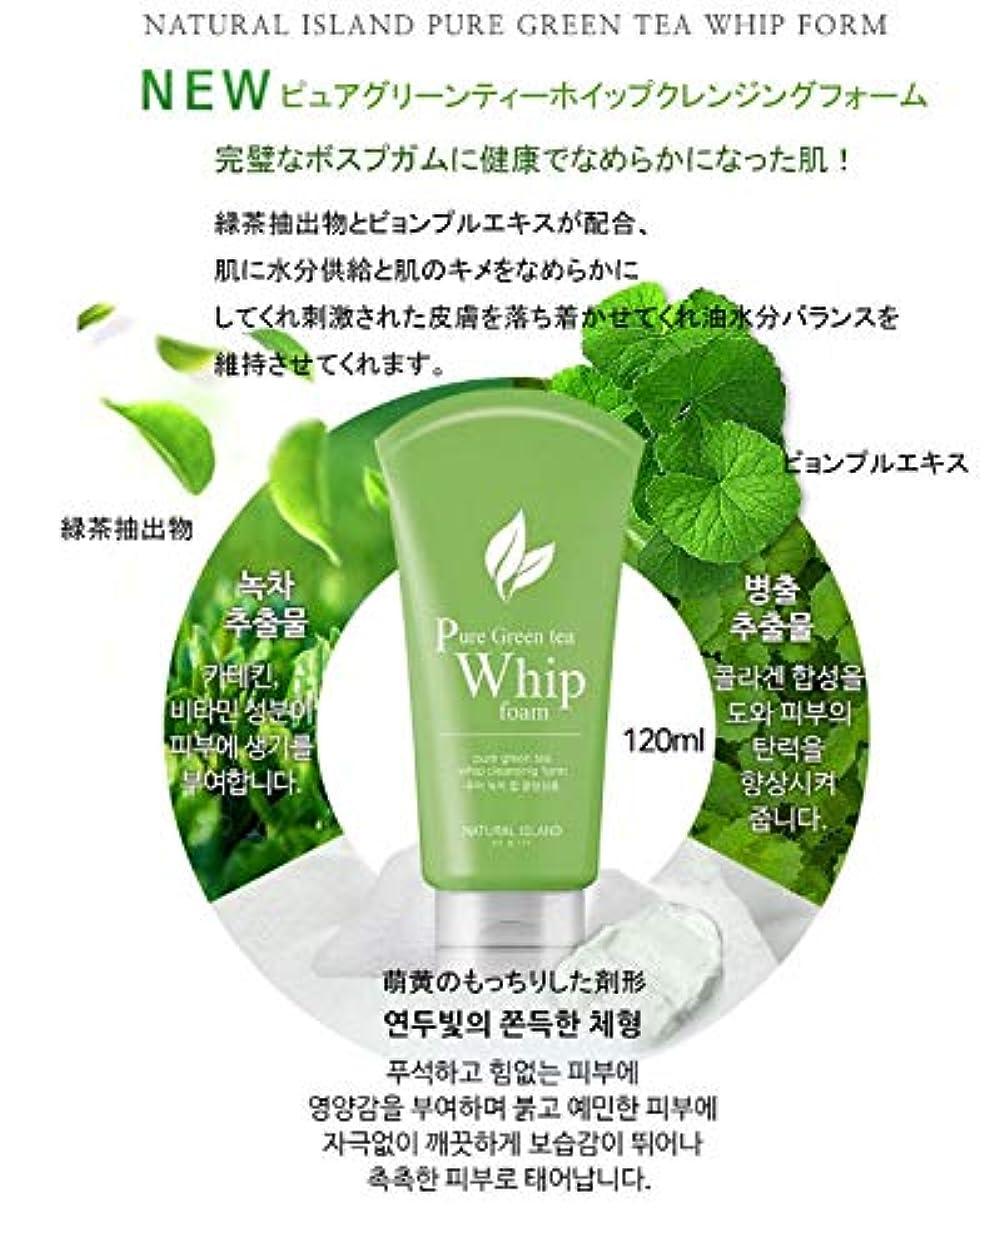 趣味リルポットNATURAL ISLAND CLEANSING FOAM カスタムクレンジングフォーム Pure Green Tea